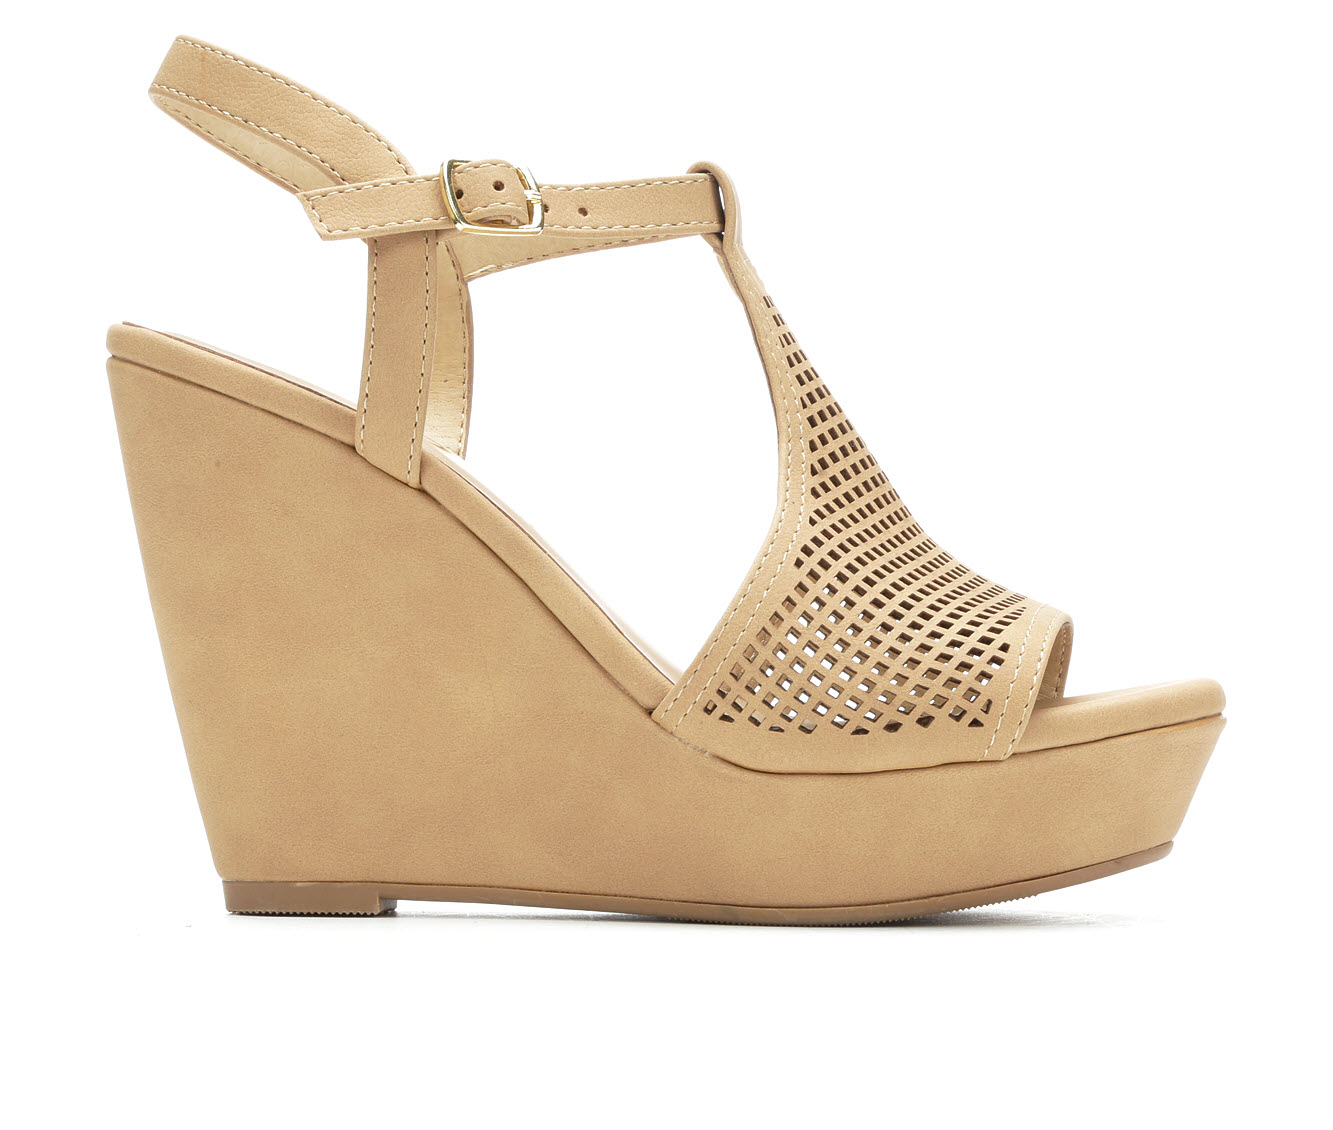 Y-Not Jacoby Women's Dress Shoe (Beige Faux Leather)